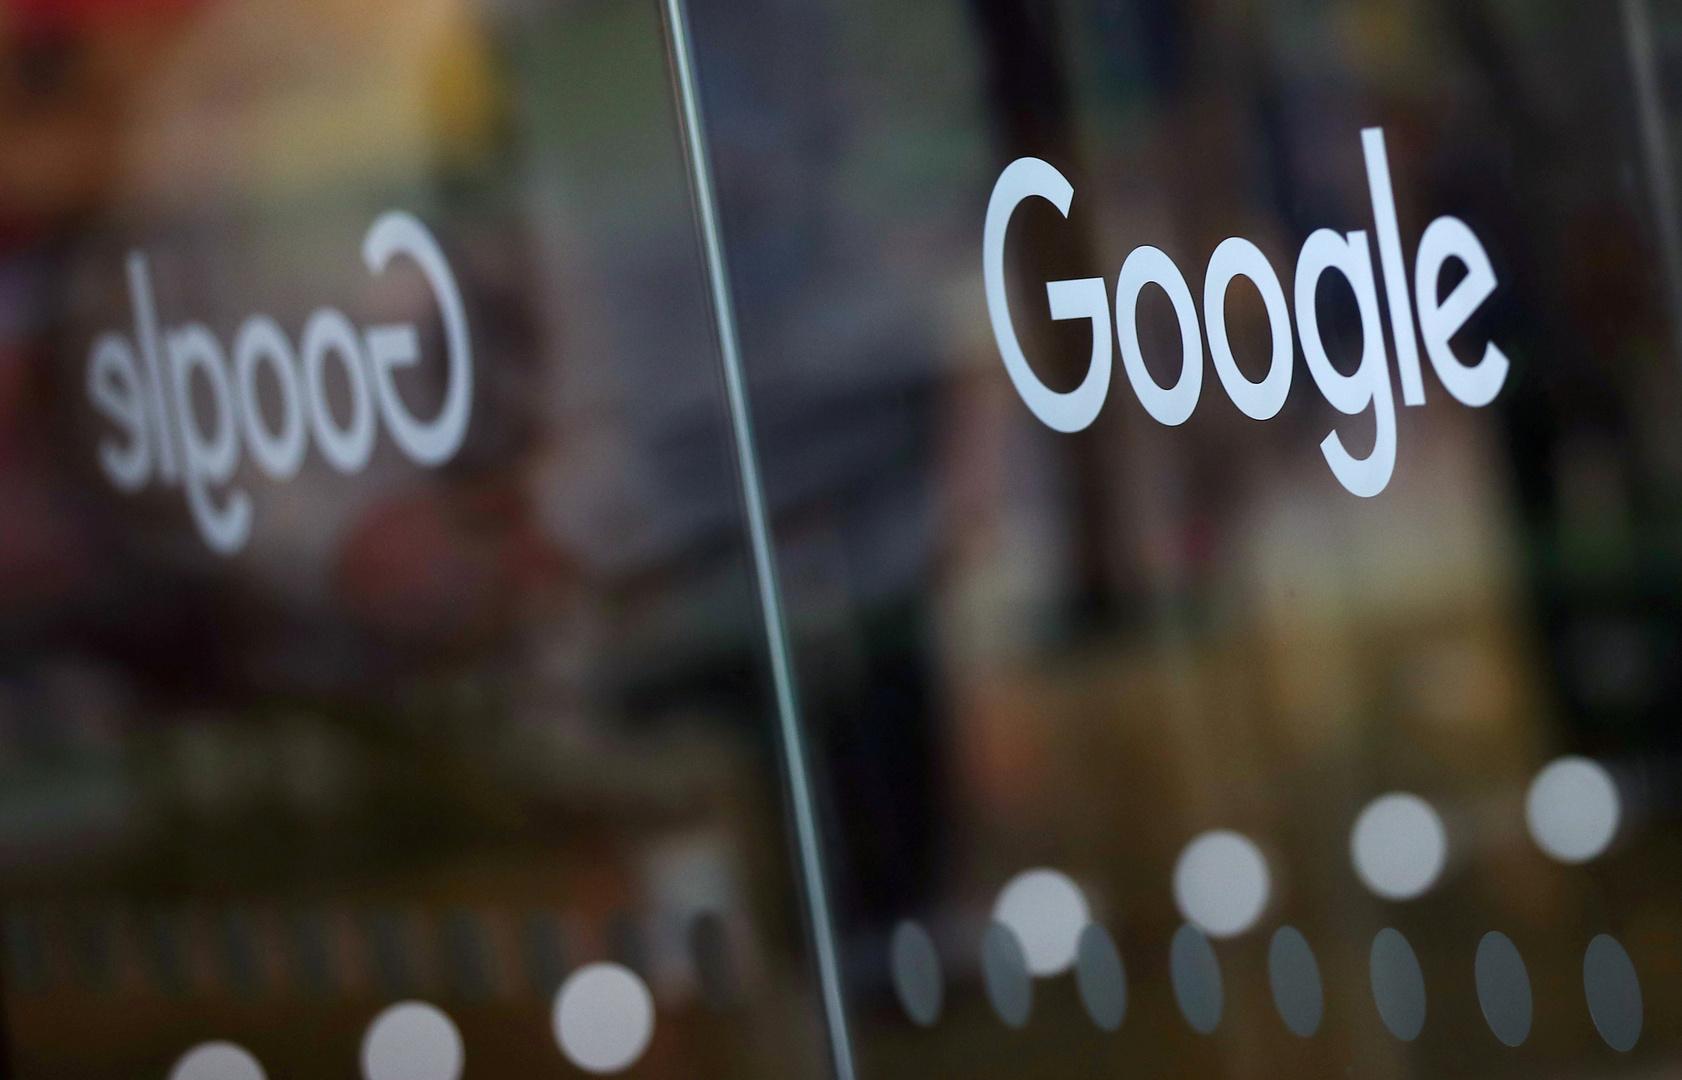 القضاء الأمريكي يستعد لملاحقة غوغل